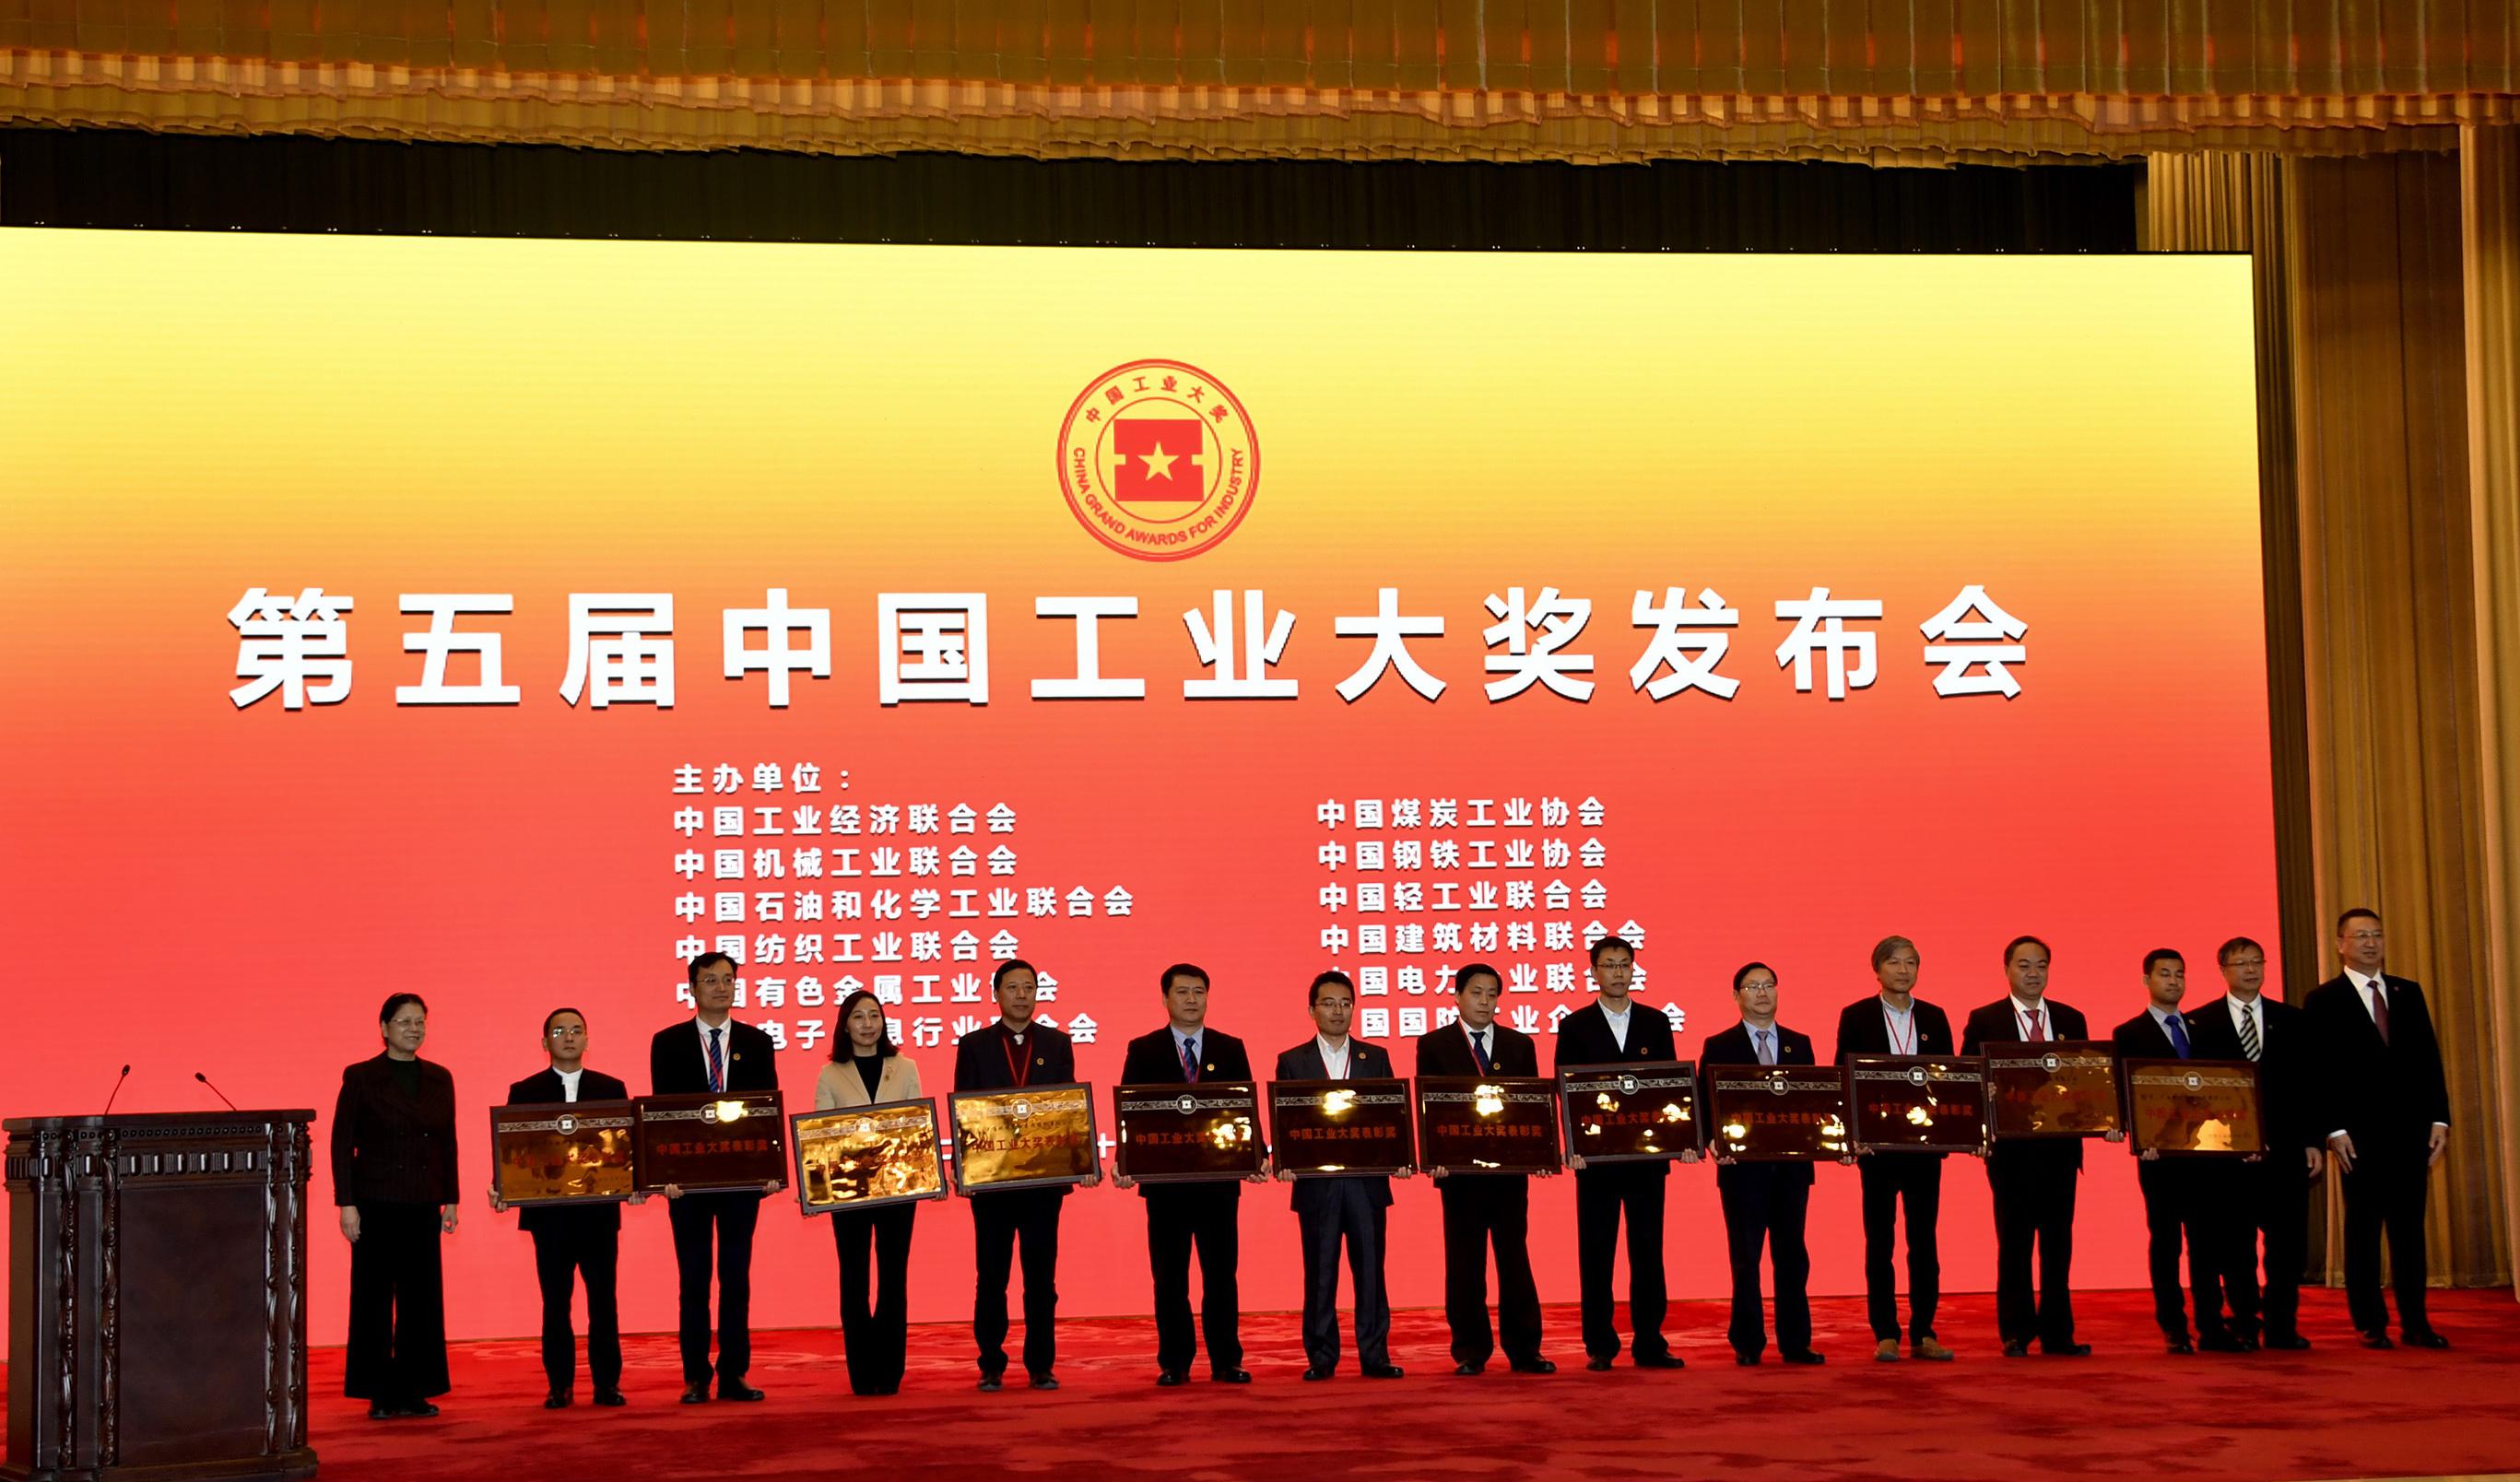 第五届中国工业大奖评选揭晓